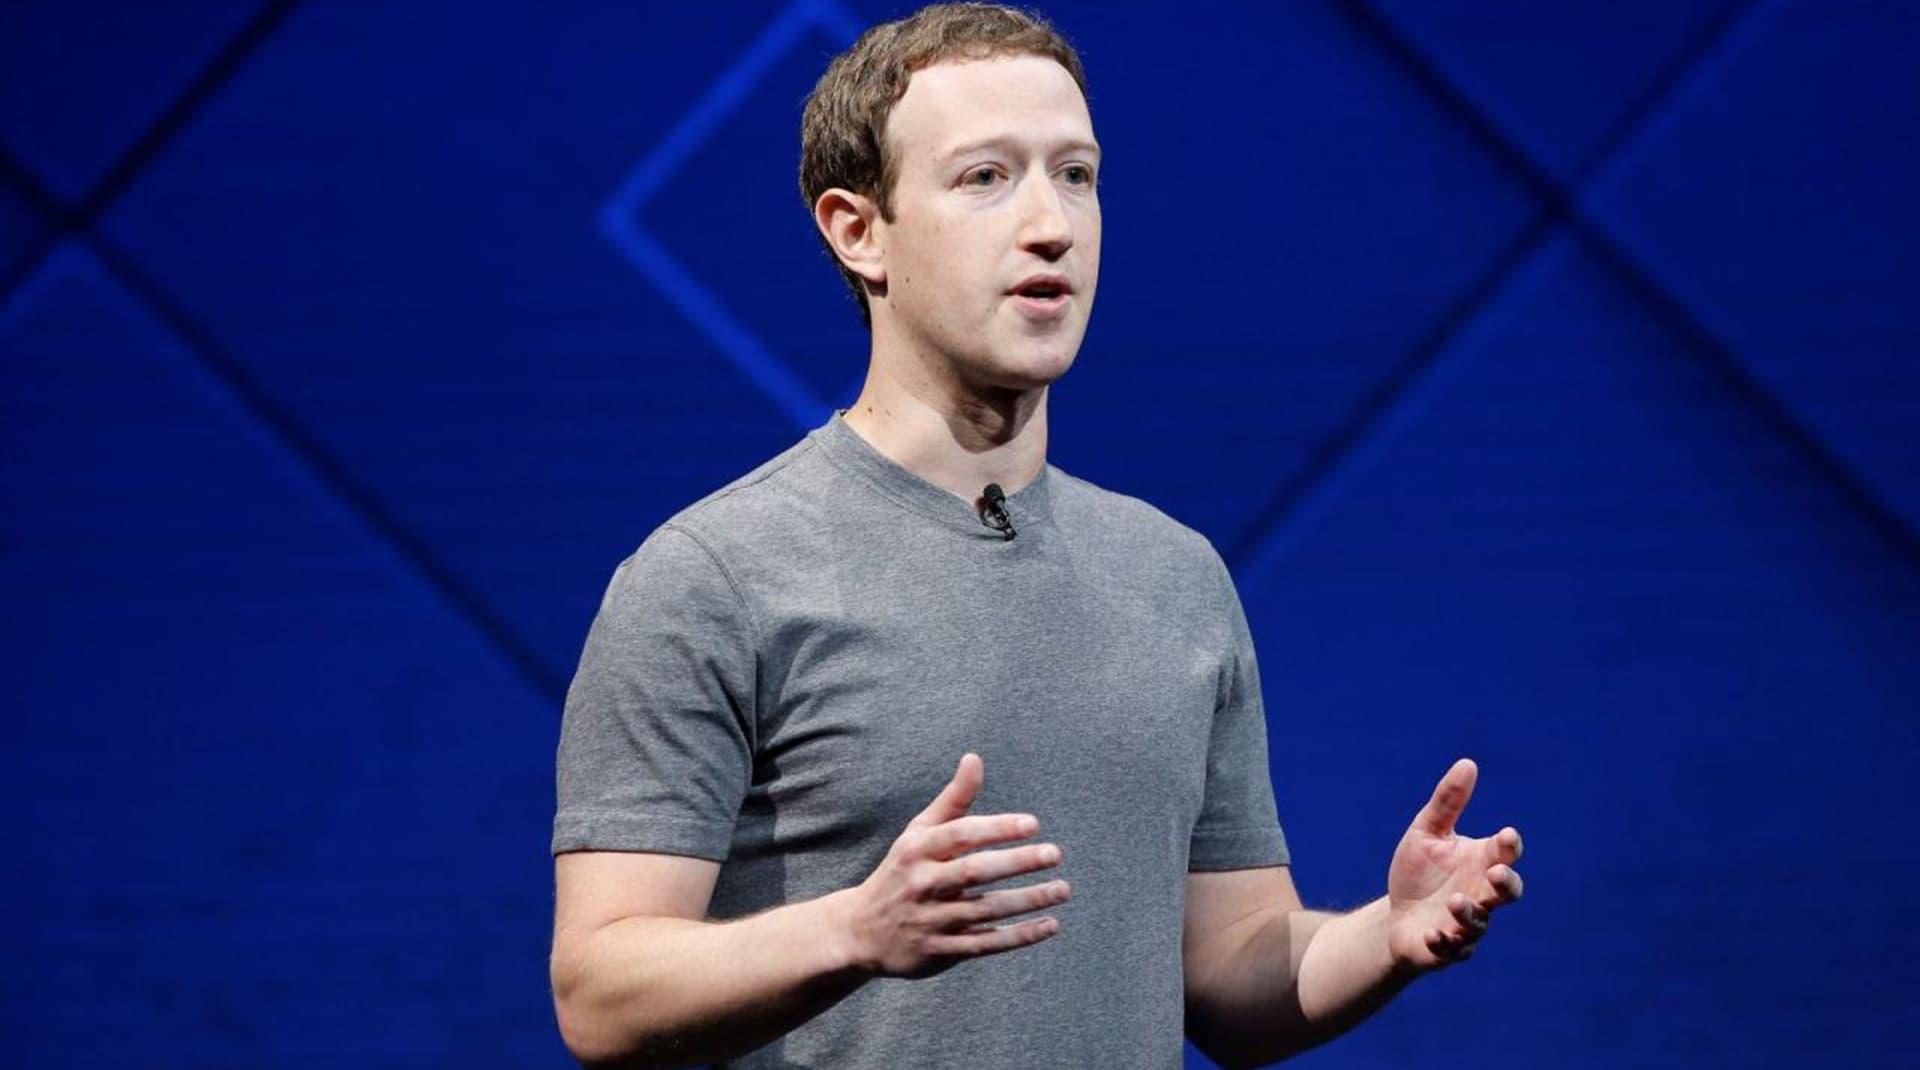 Новое интервью Цукерберга: он превратит Facebook в метавселенную и займется телепортацией